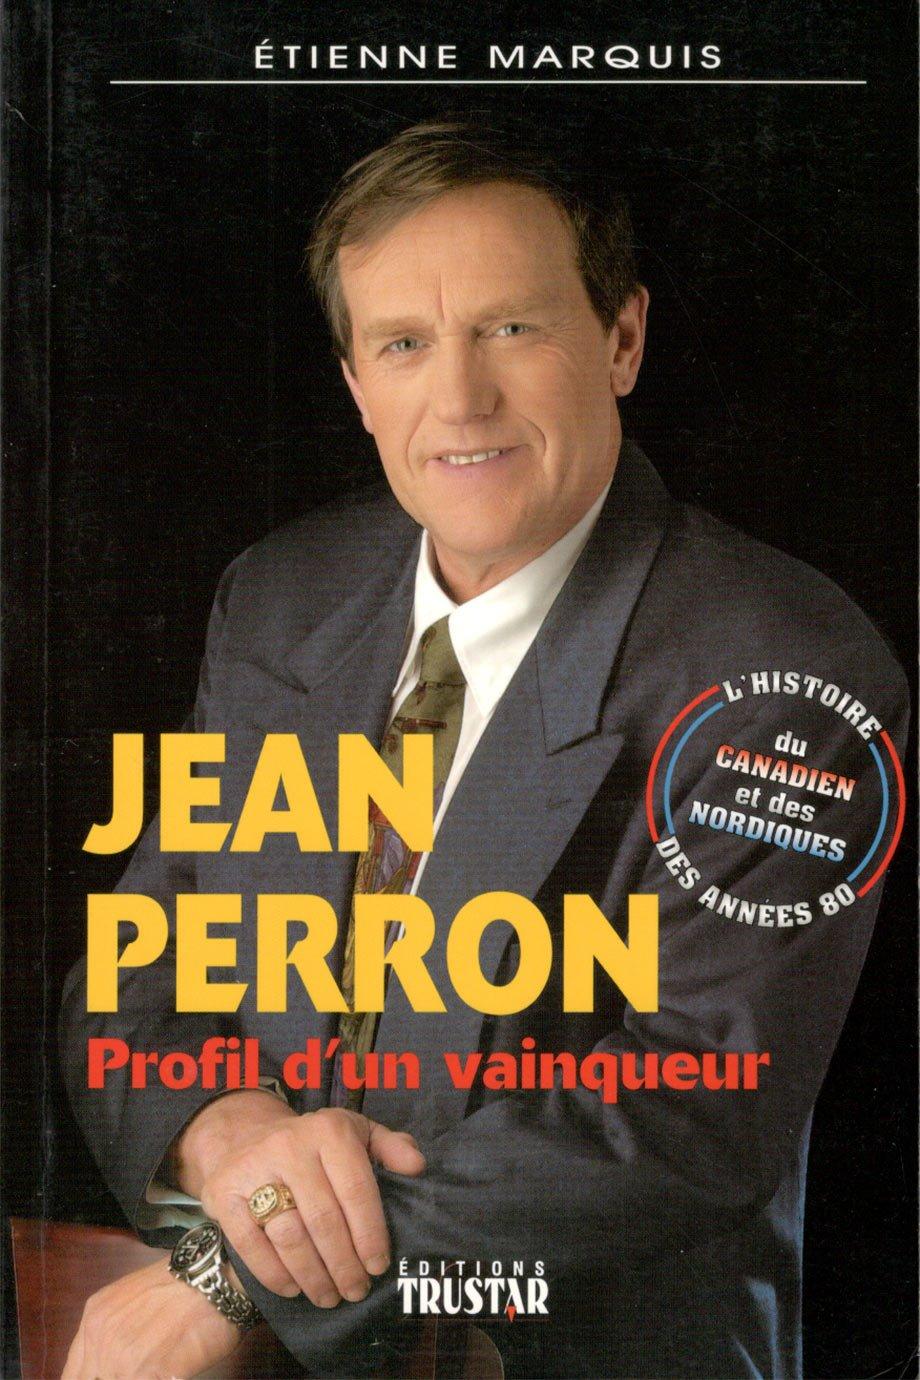 Jean Perron, profil d'un vainqueur